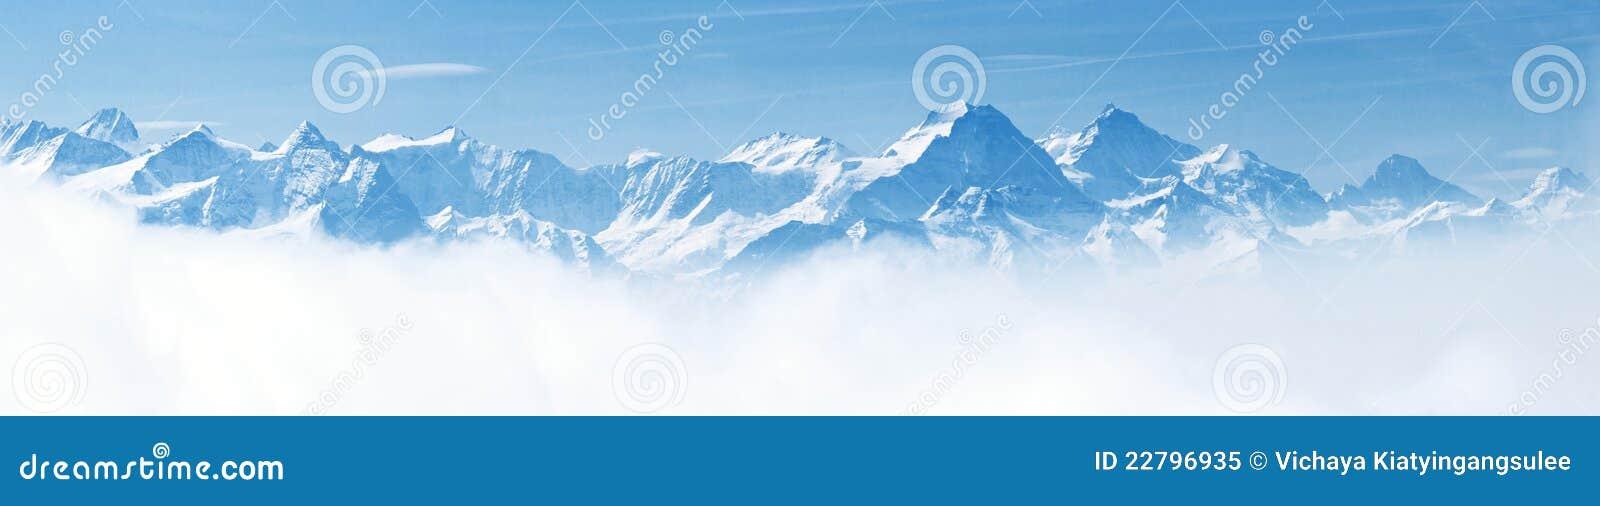 阿尔卑斯横向山全景雪